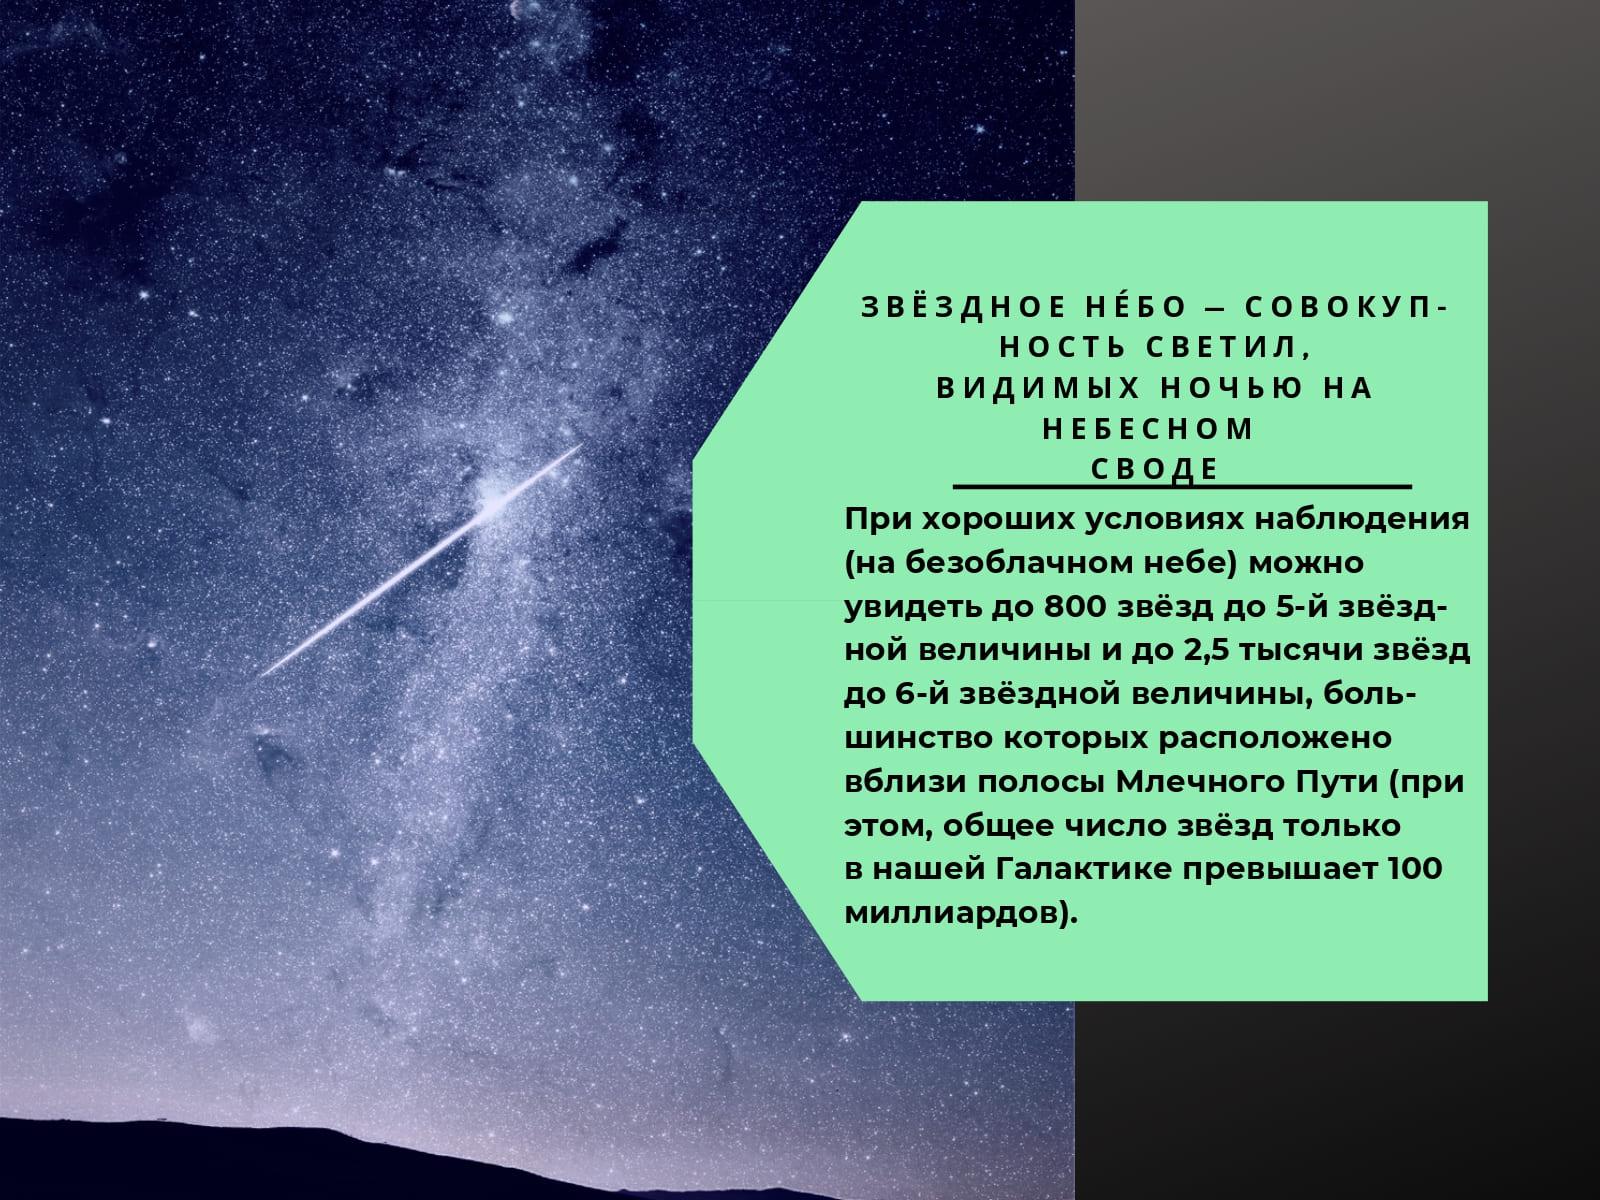 Звёздное небо - совокупность светил, видимых ночью на небесном своде